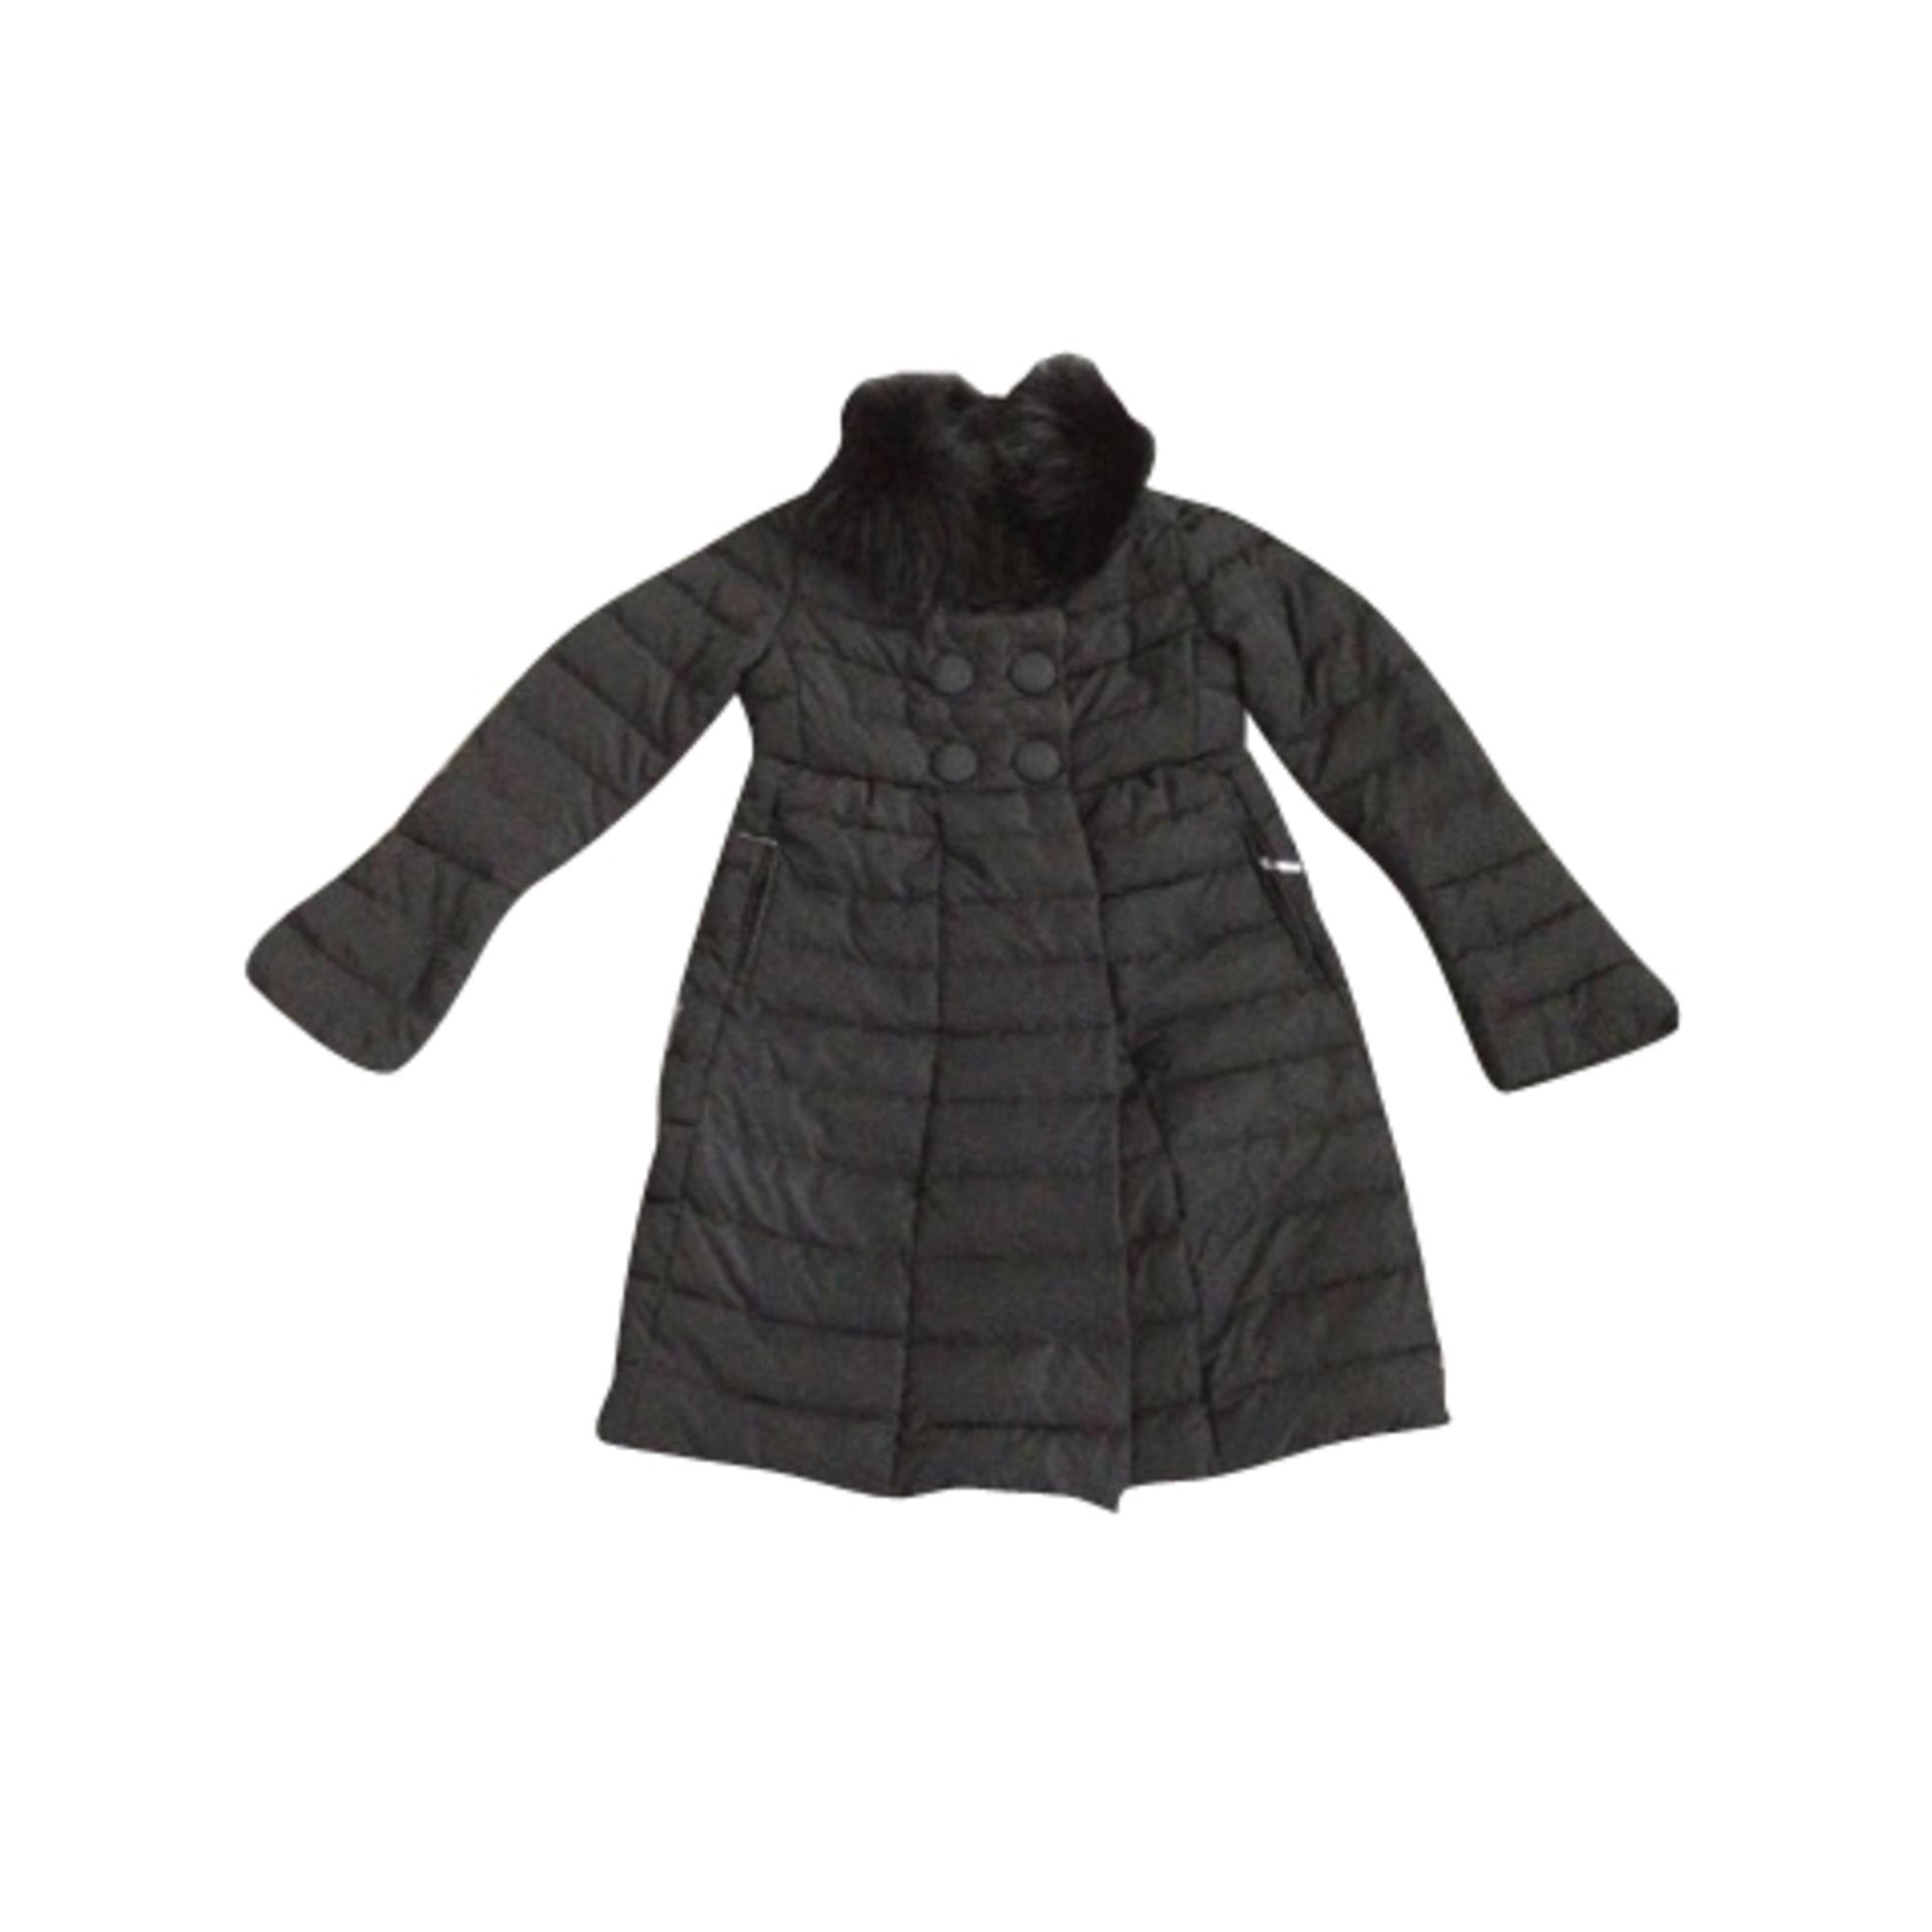 5cad97c655af Doudoune MONCLER Autre noir vendu par Soph boutik94937 - 1672558